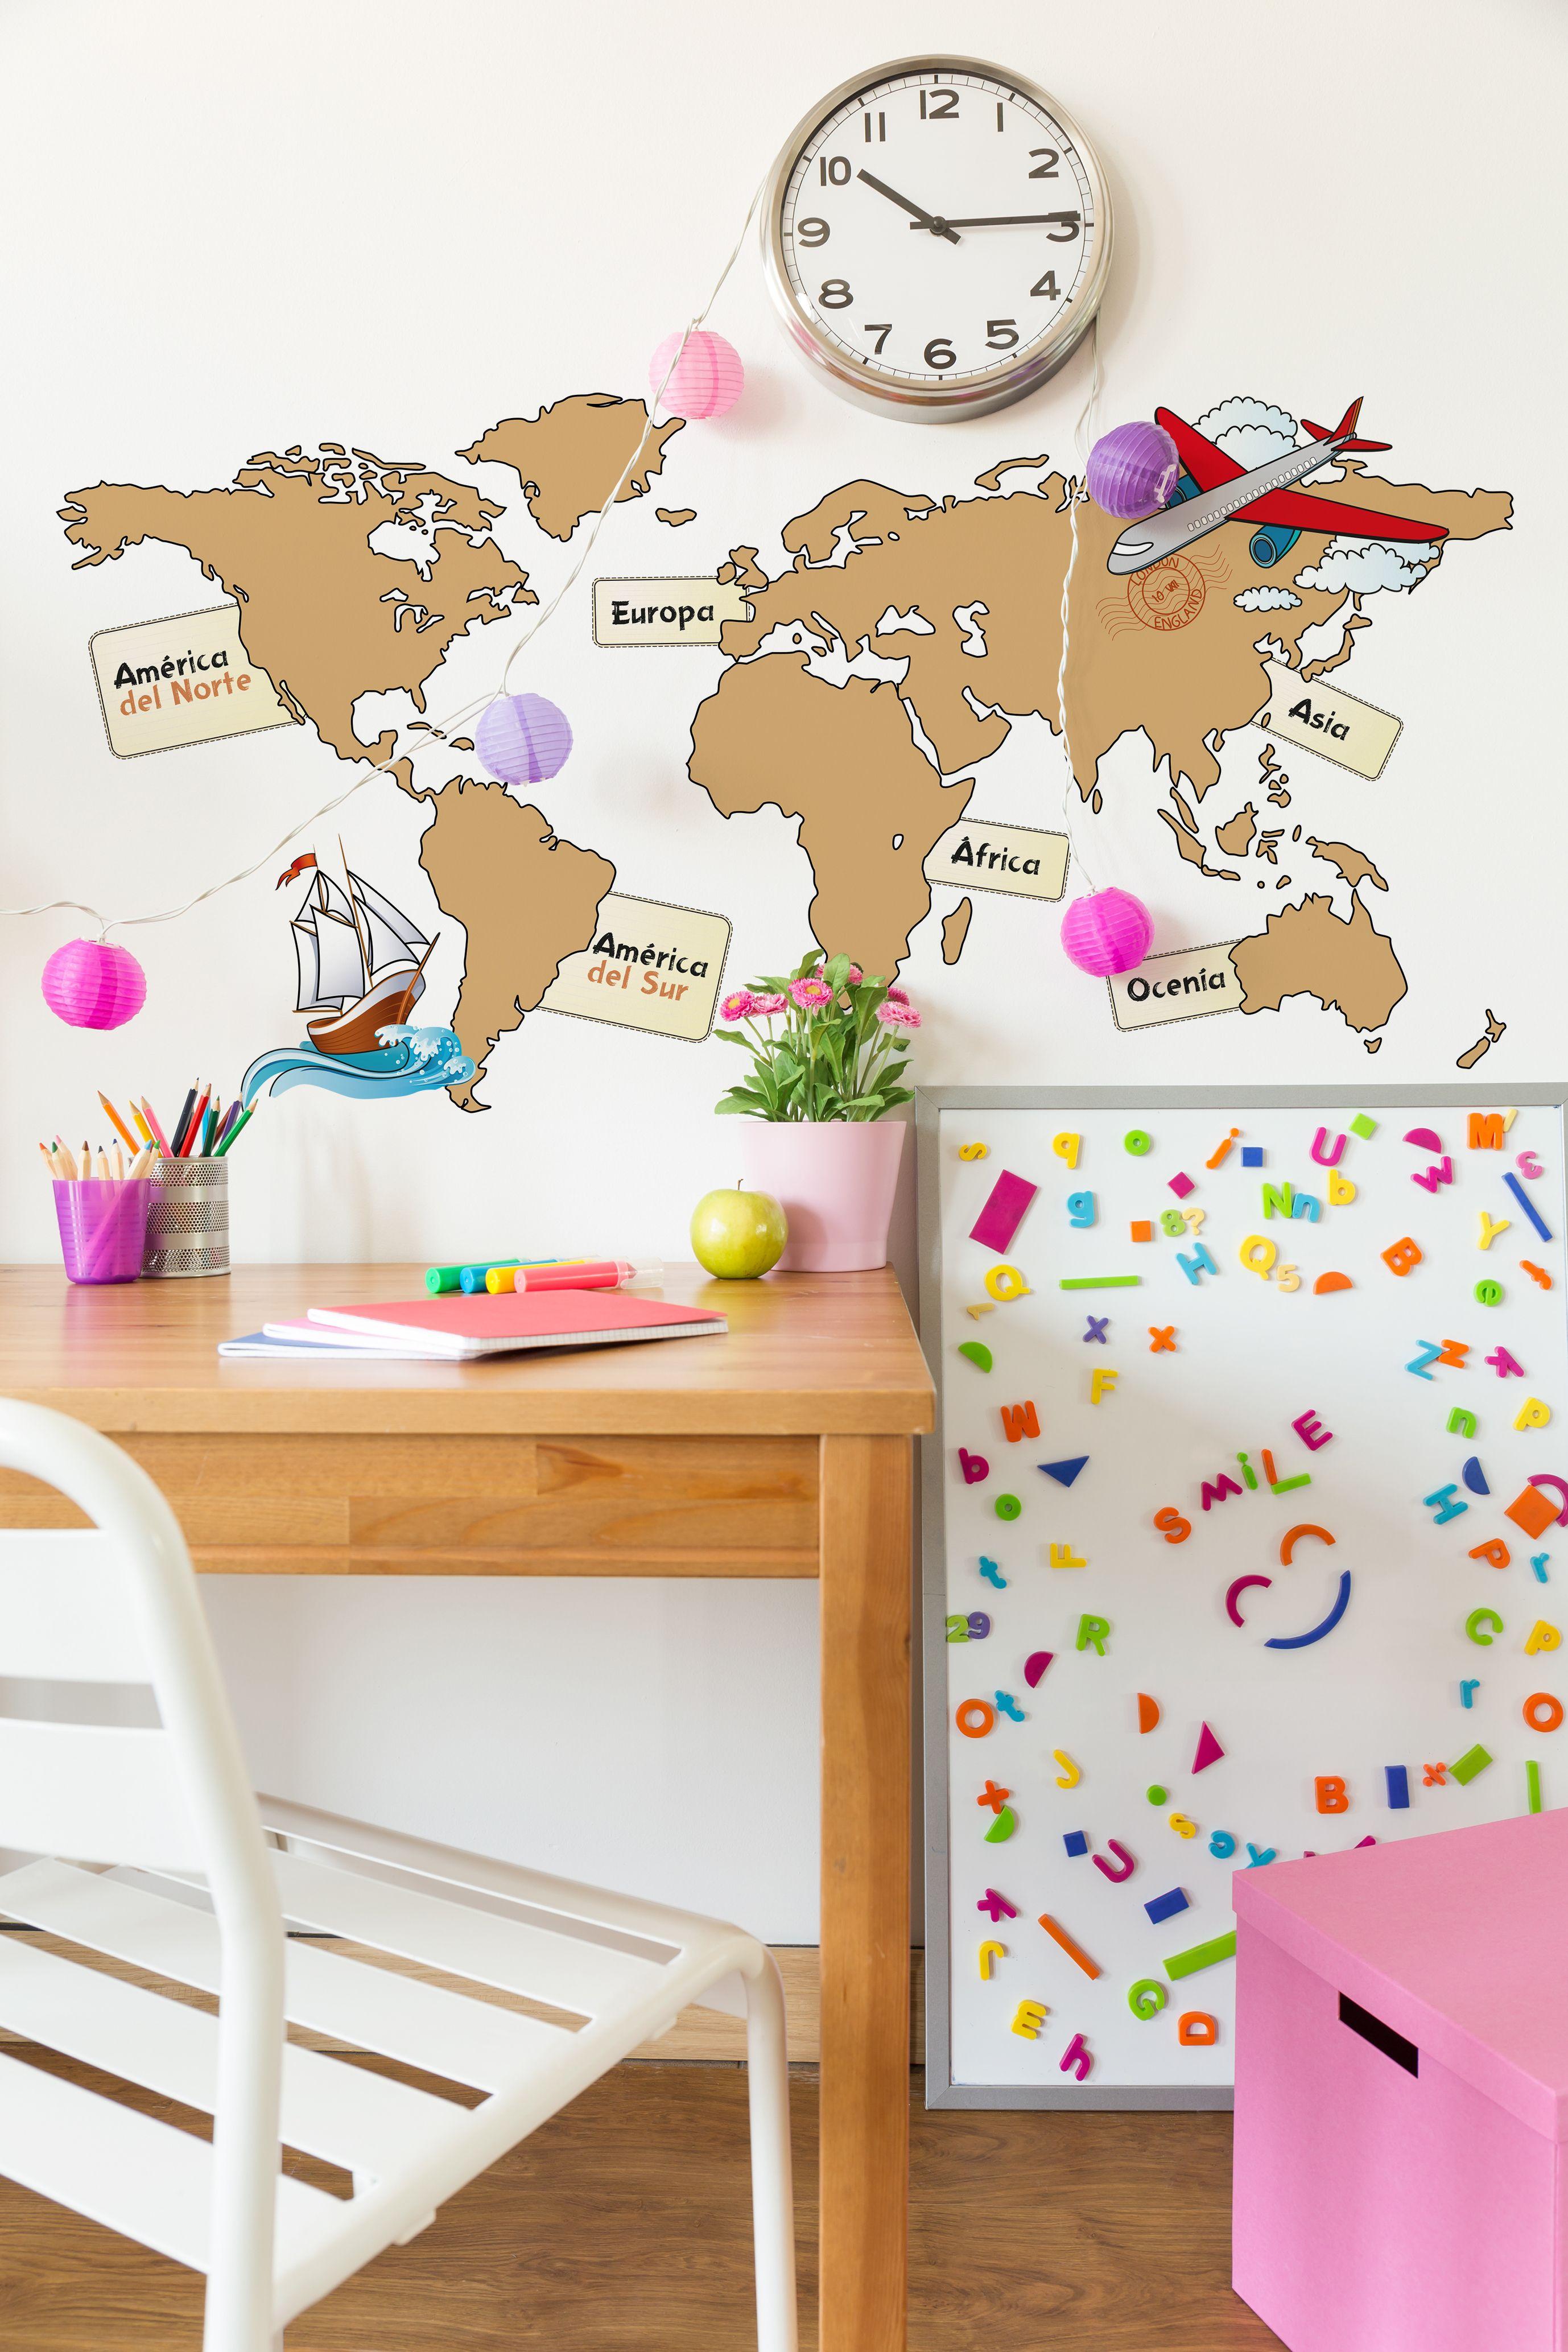 Vinilos del mundo vinilos mapamundi vinilos for Vinilo mapa del mundo